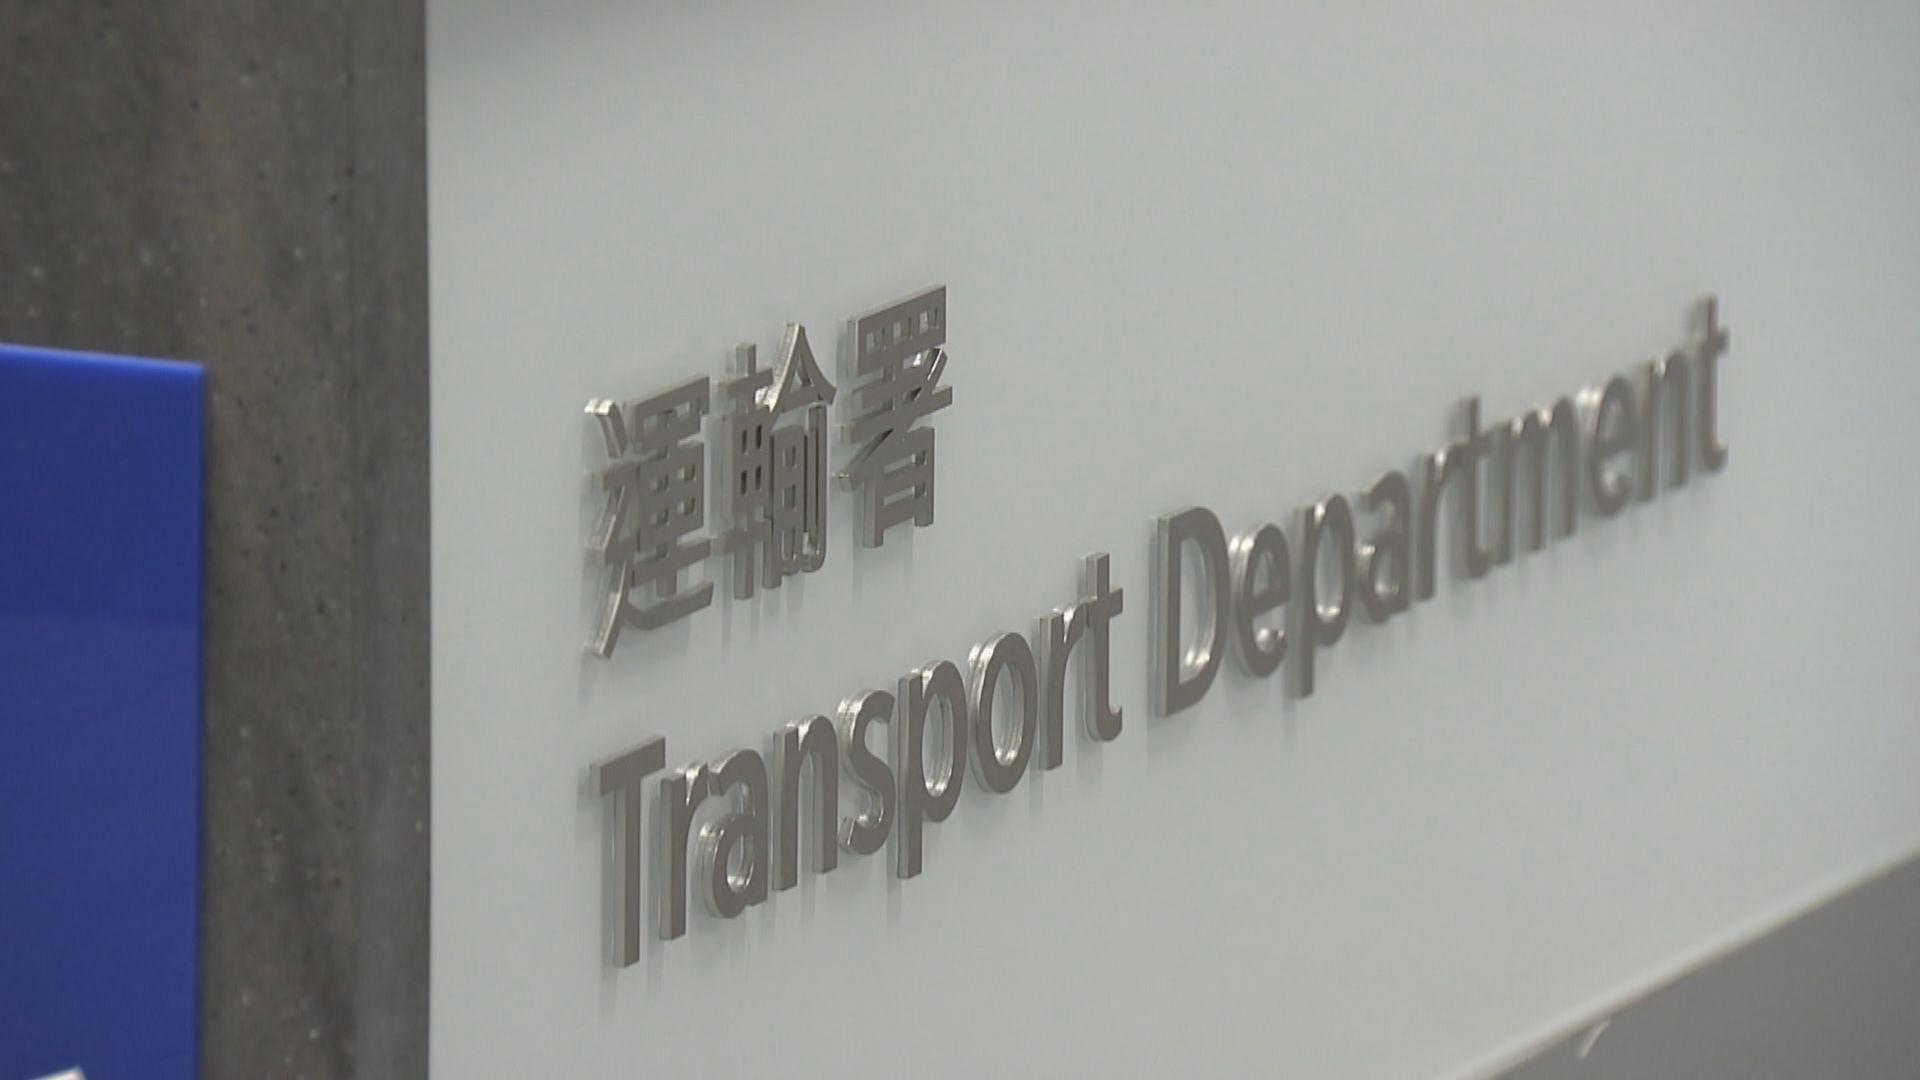 運輸署:所有駕駛考試服務周三起暫停